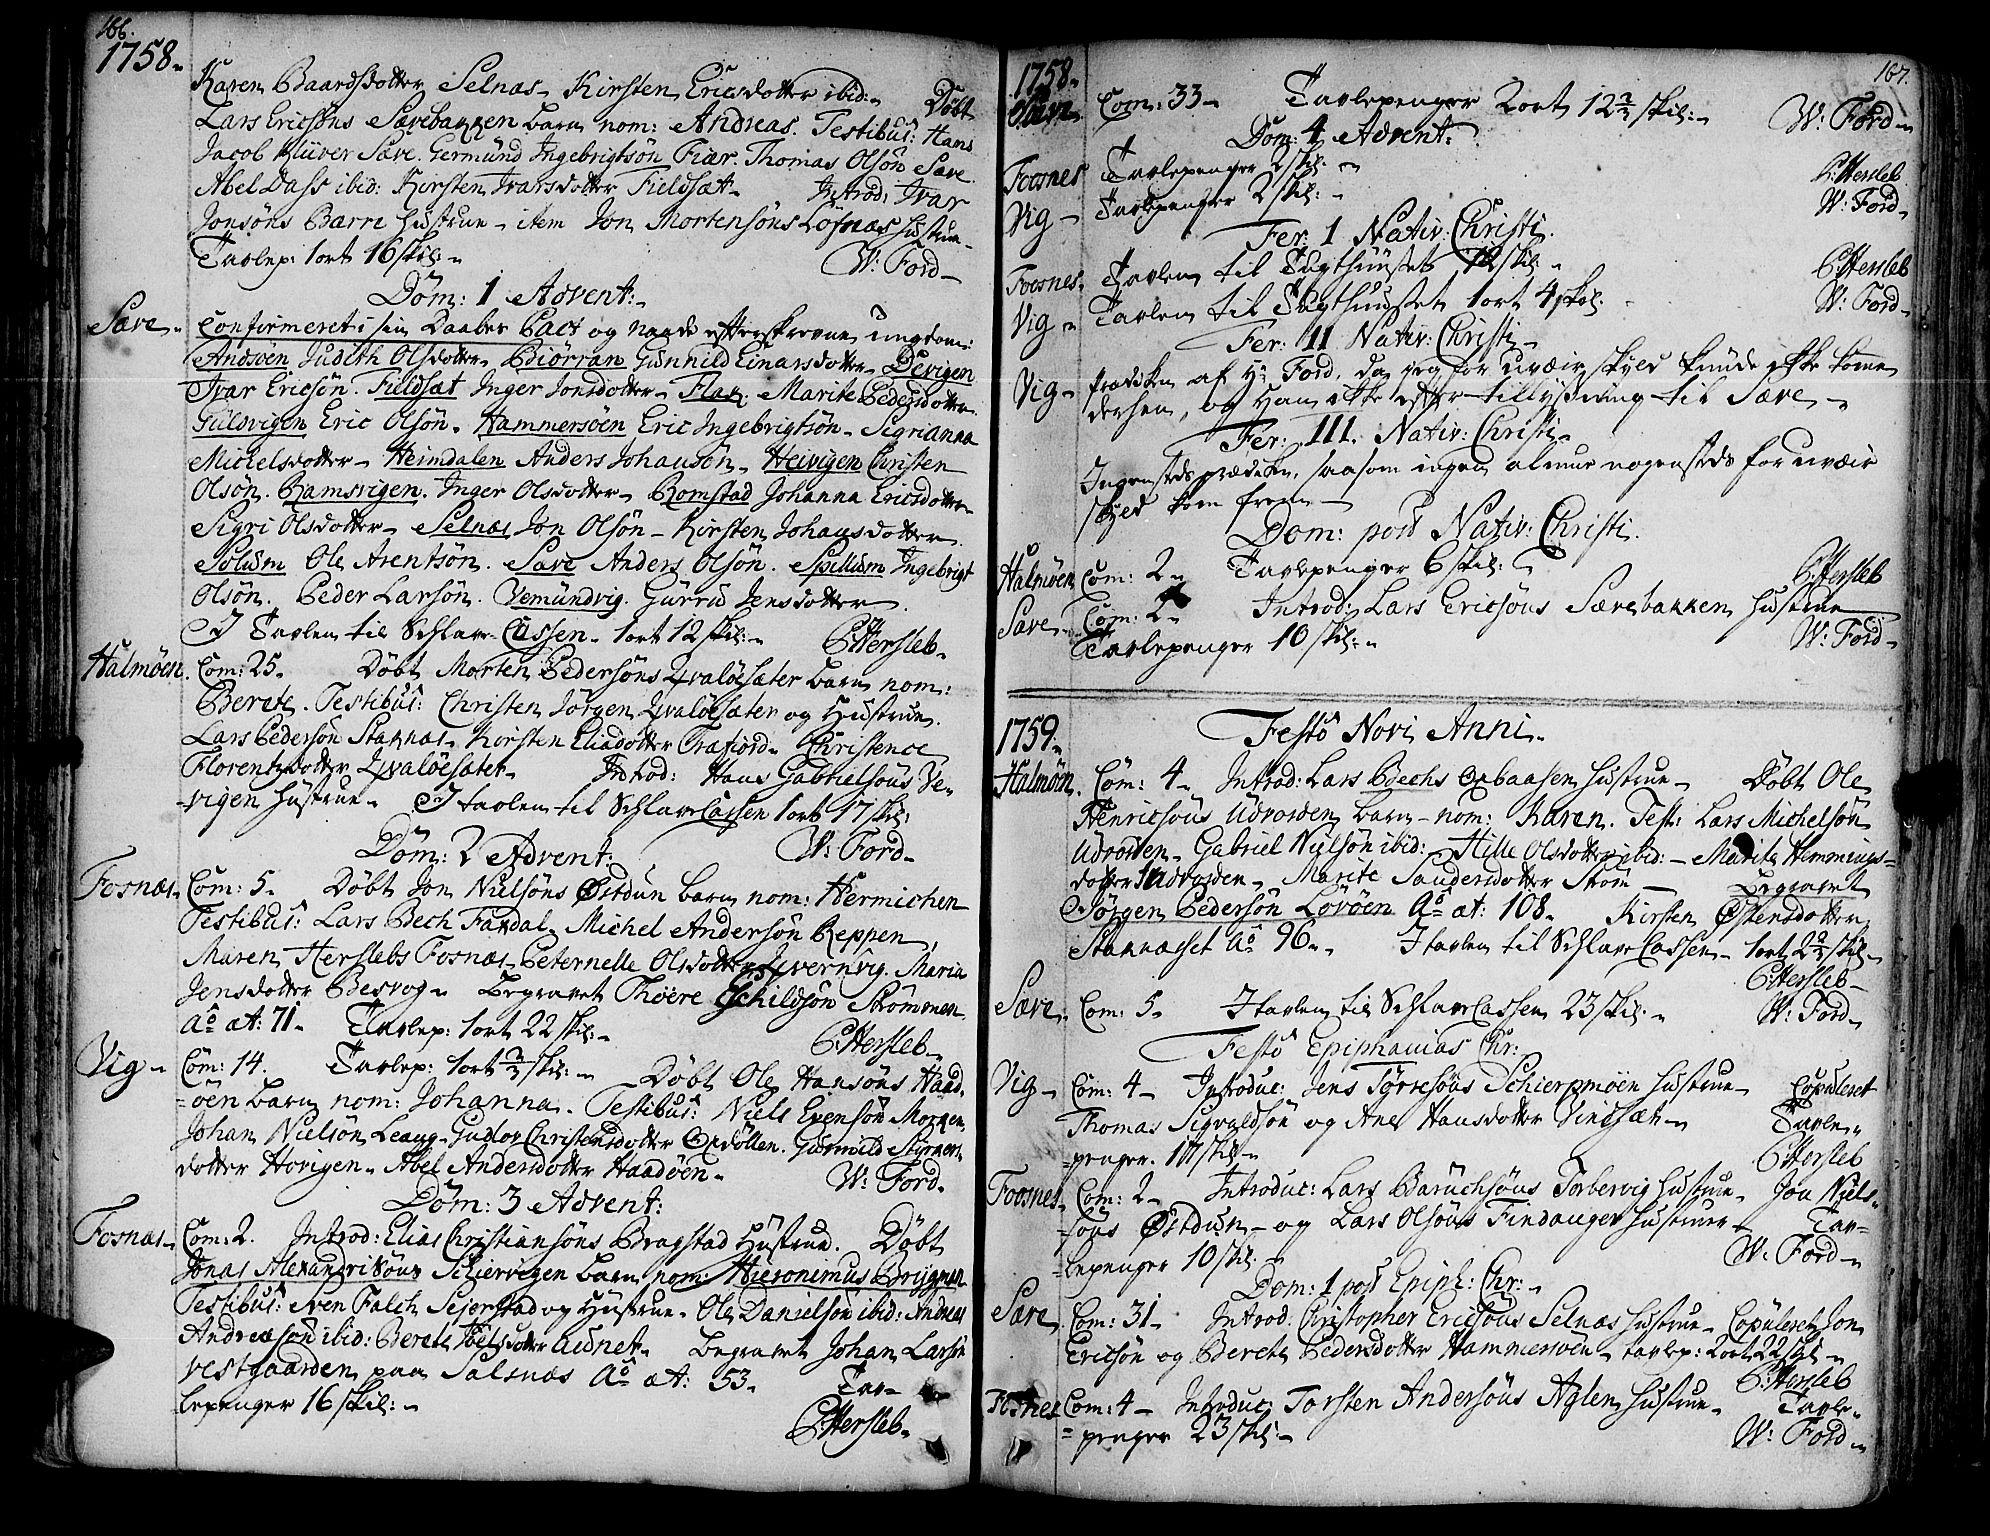 SAT, Ministerialprotokoller, klokkerbøker og fødselsregistre - Nord-Trøndelag, 773/L0607: Ministerialbok nr. 773A01, 1751-1783, s. 166-167